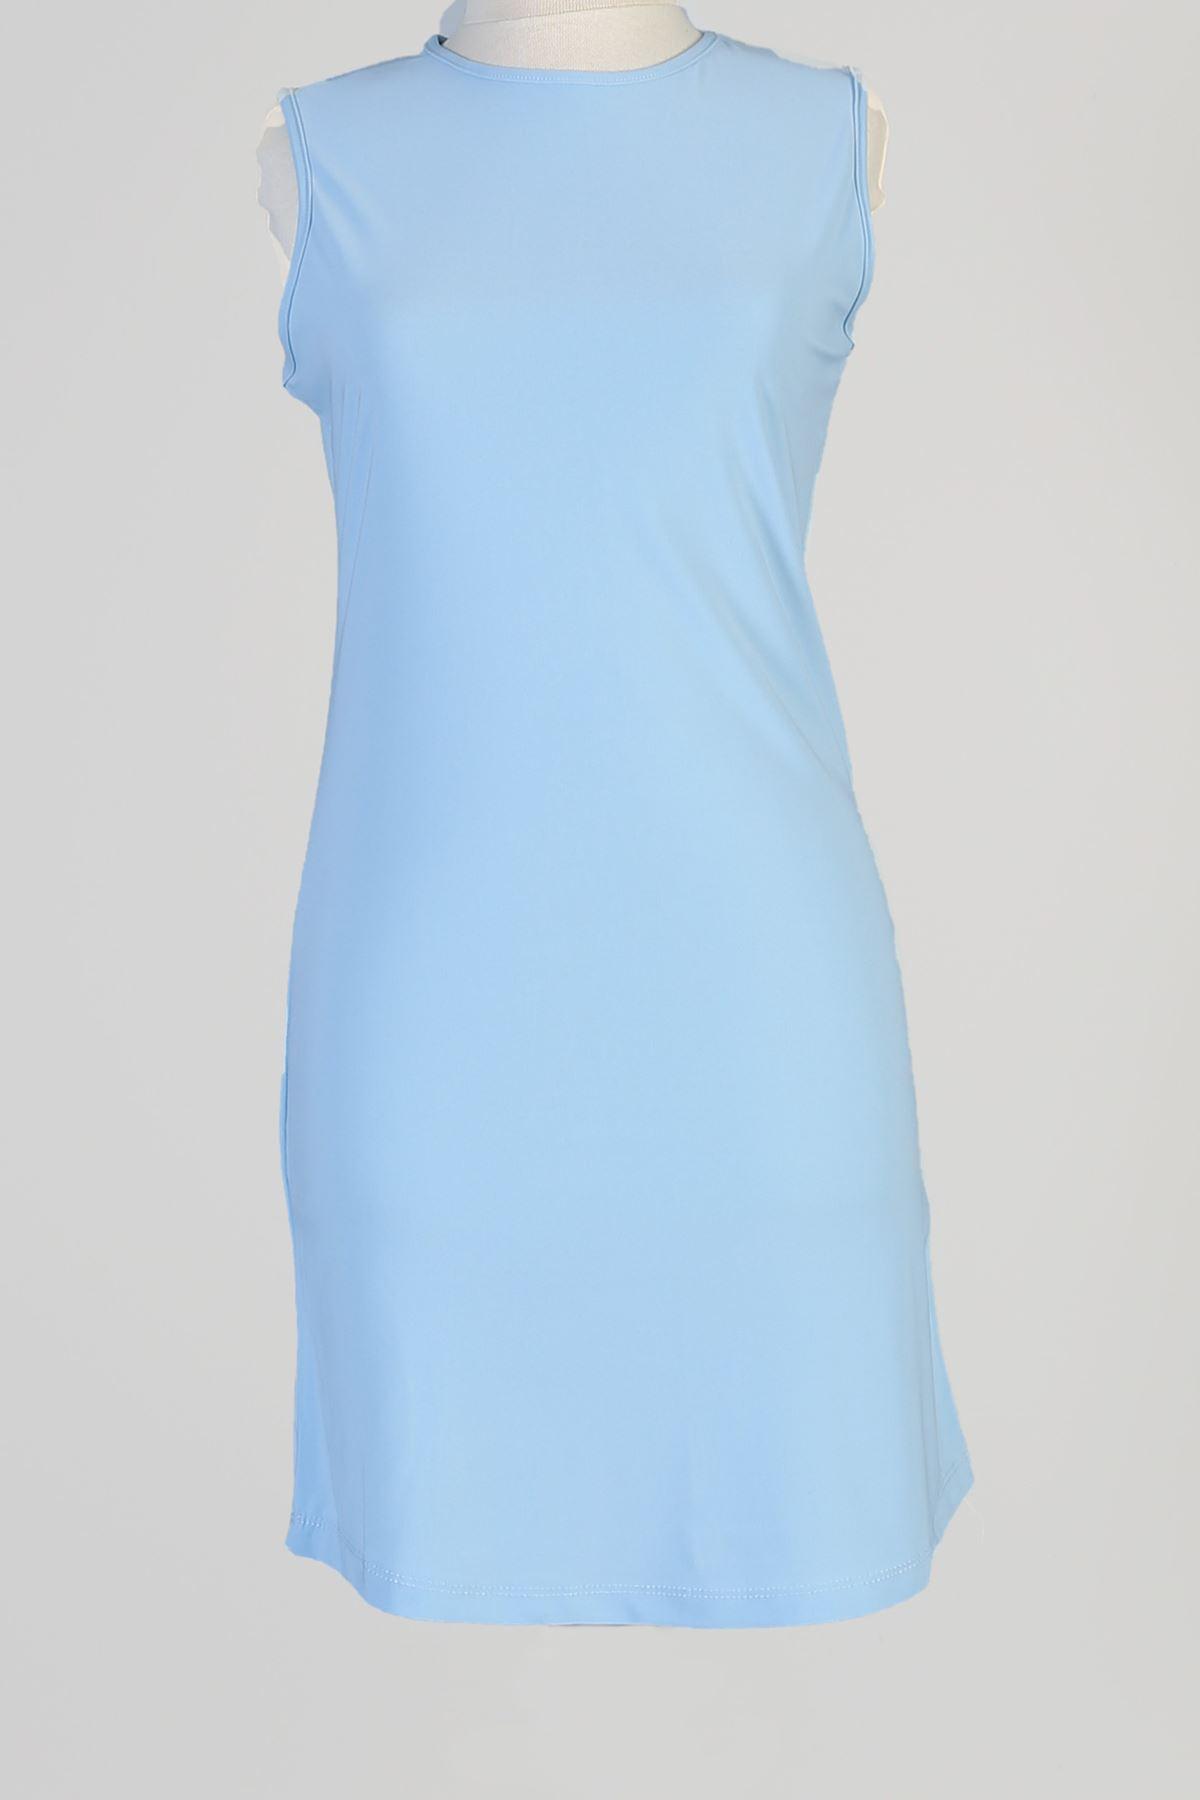 Sıfır Kol Kısa Sendy Tunik-Bebe Mavisi